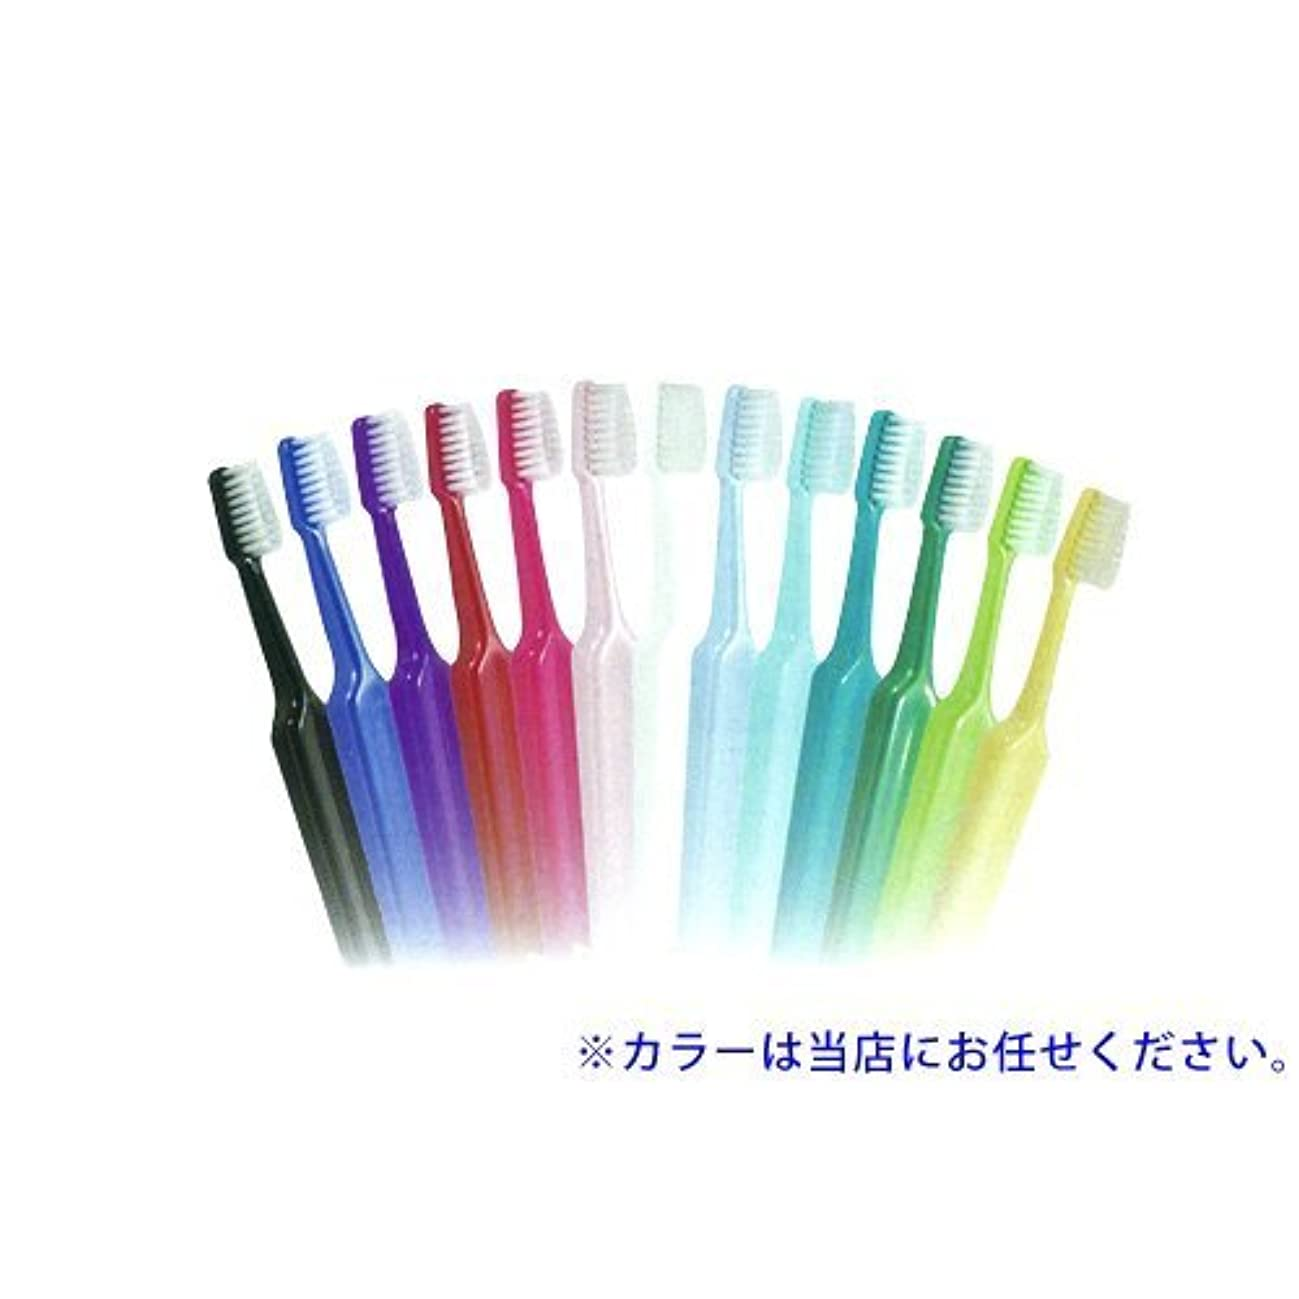 社会科継続中リゾートTepe歯ブラシ セレクトミニ/ソフト 25本/箱